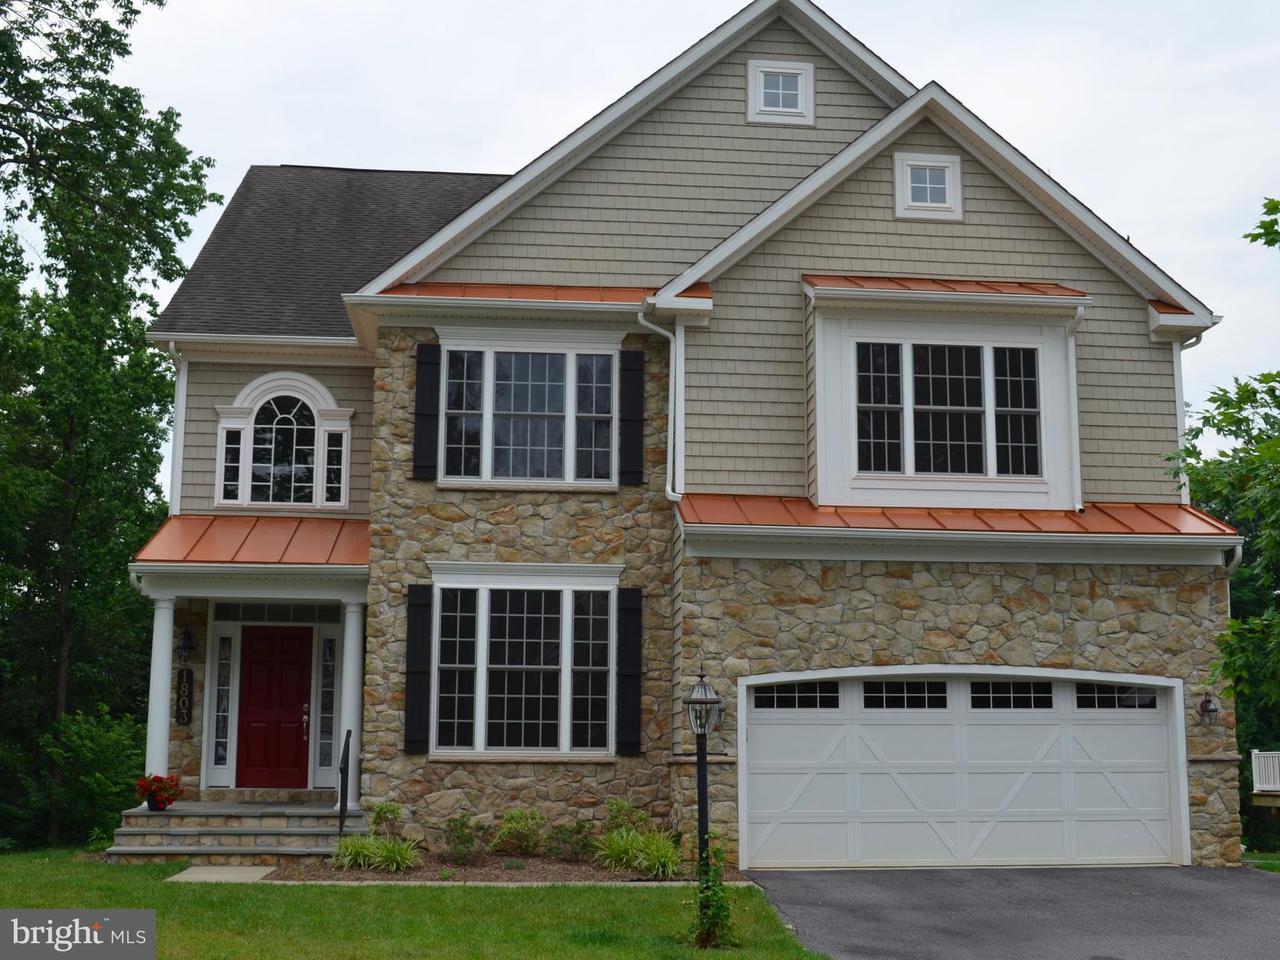 Μονοκατοικία για την Πώληση στο 1803 Morning Walk Drive 1803 Morning Walk Drive Catonsville, Μεριλαντ 21228 Ηνωμενεσ Πολιτειεσ